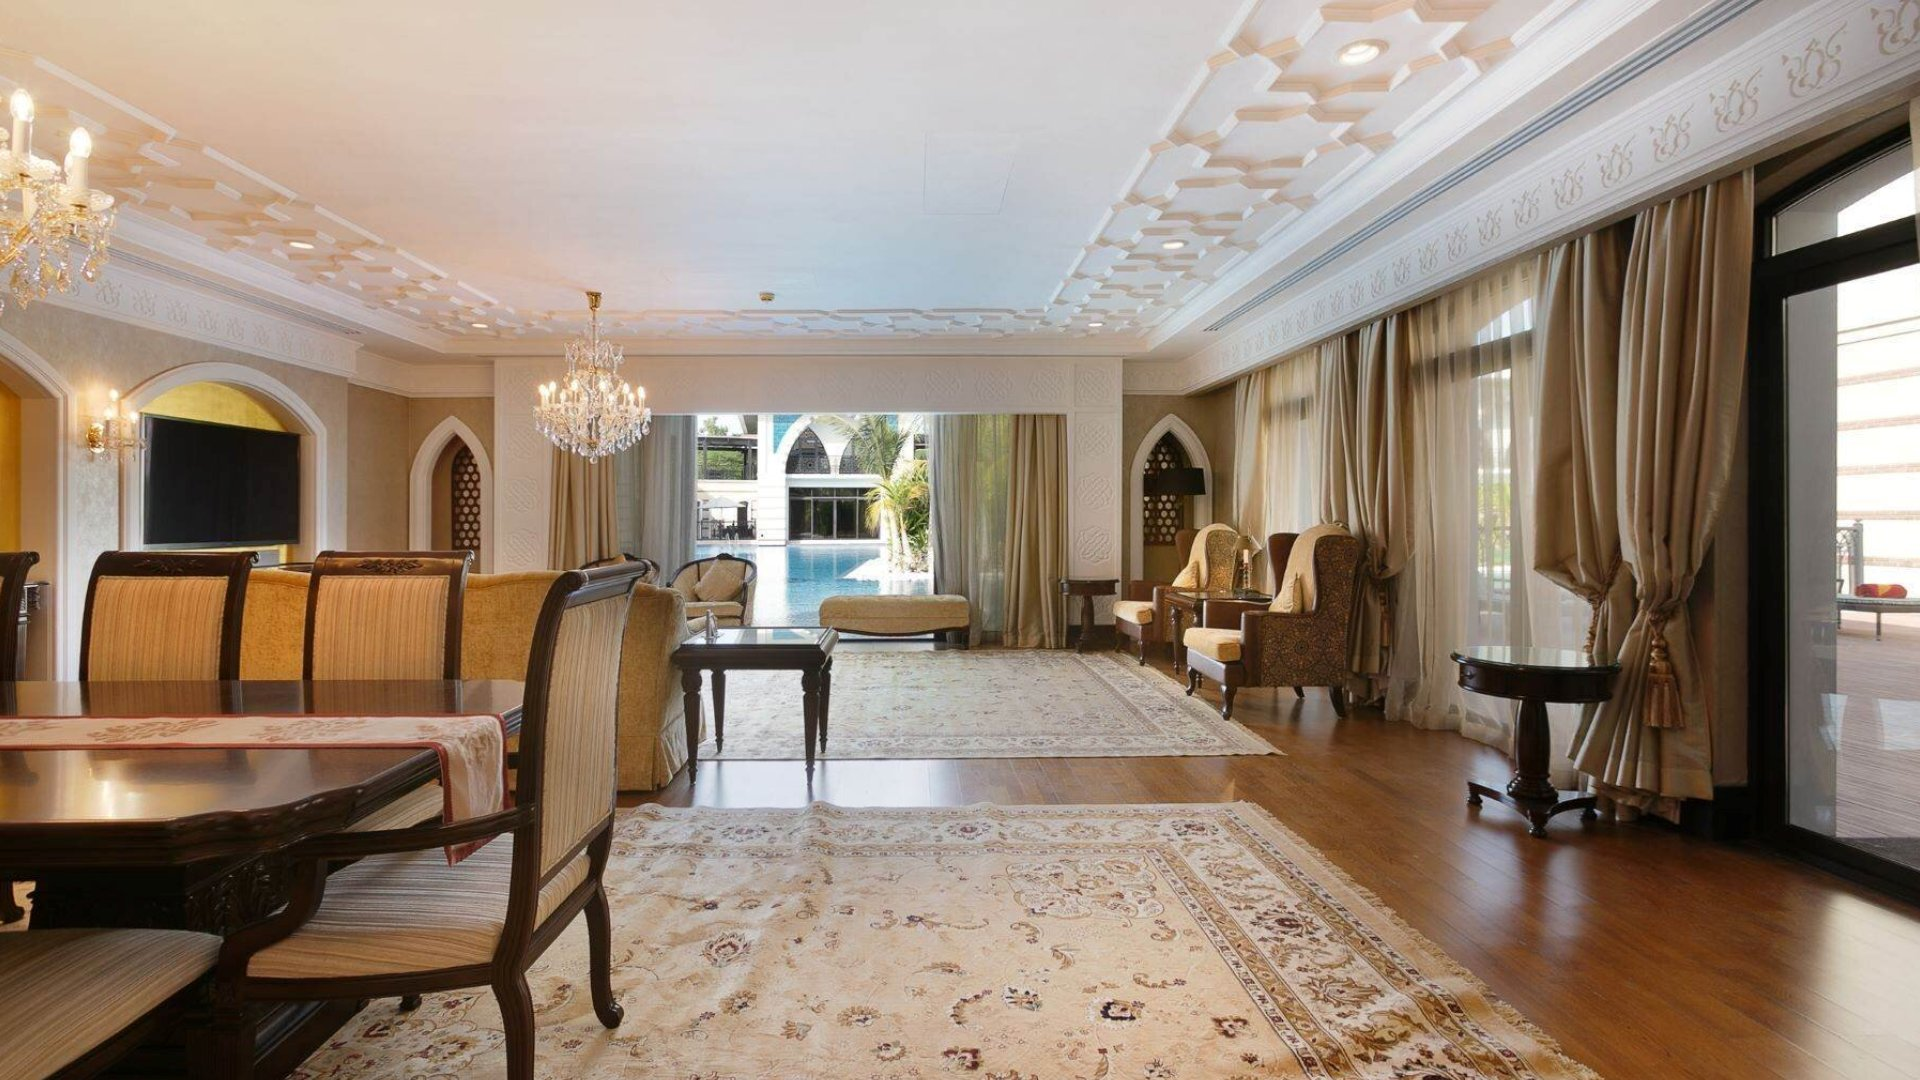 Villa en venta en Dubai, EAU, 7 dormitorios, 1130 m2, № 24351 – foto 1